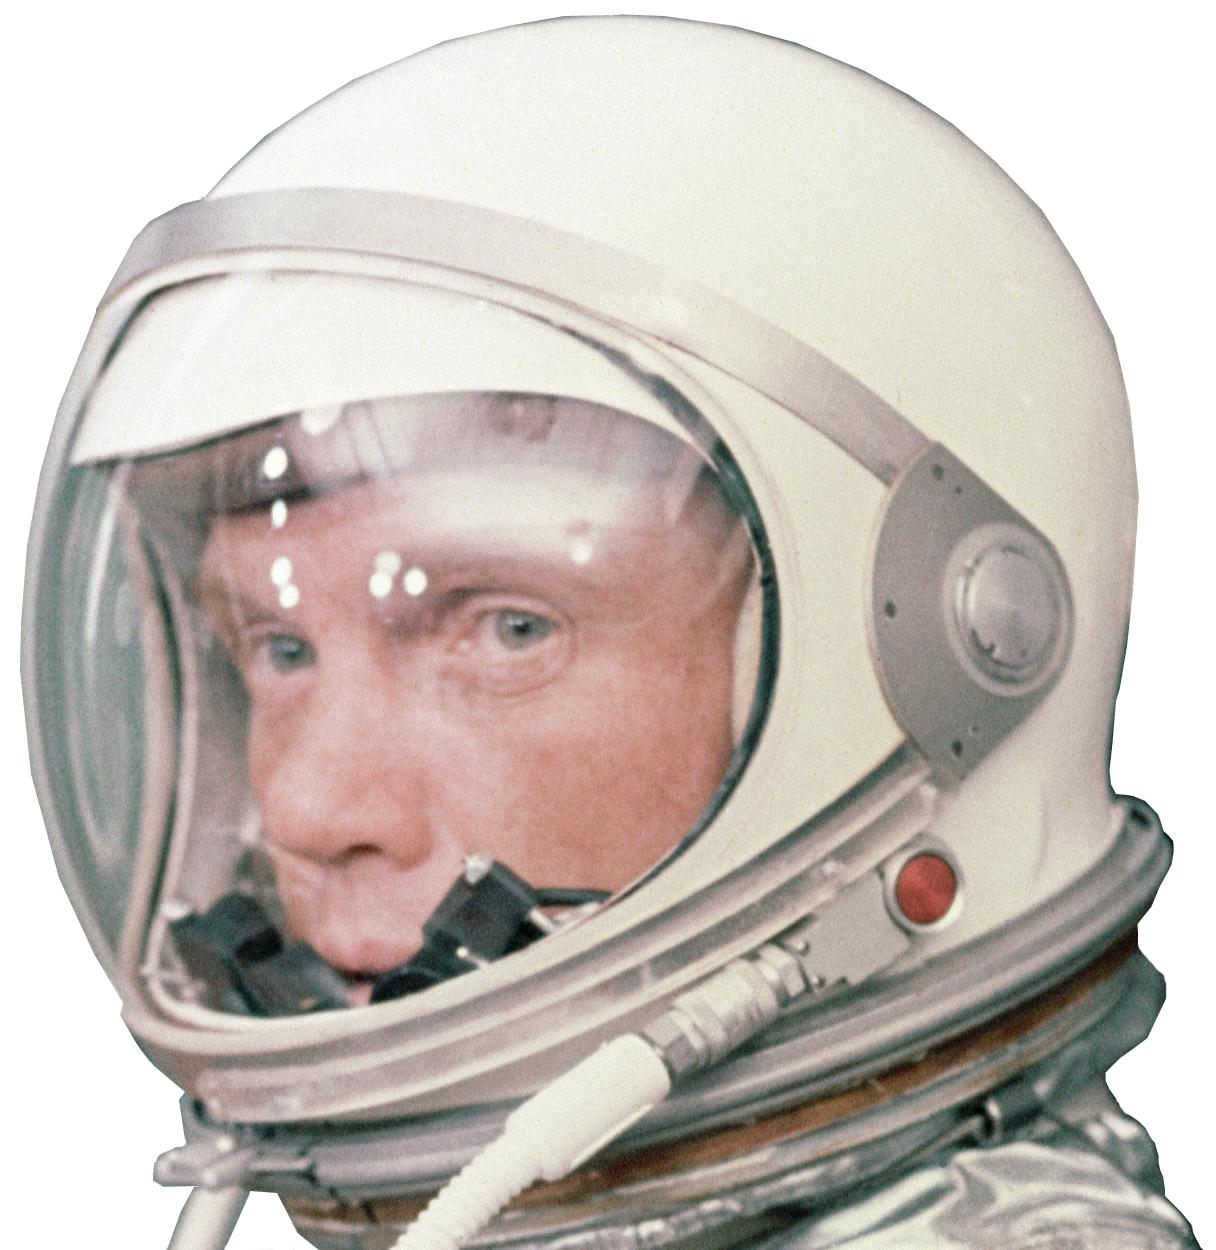 Костюм космонавта своими руками, как сделать костюм 14